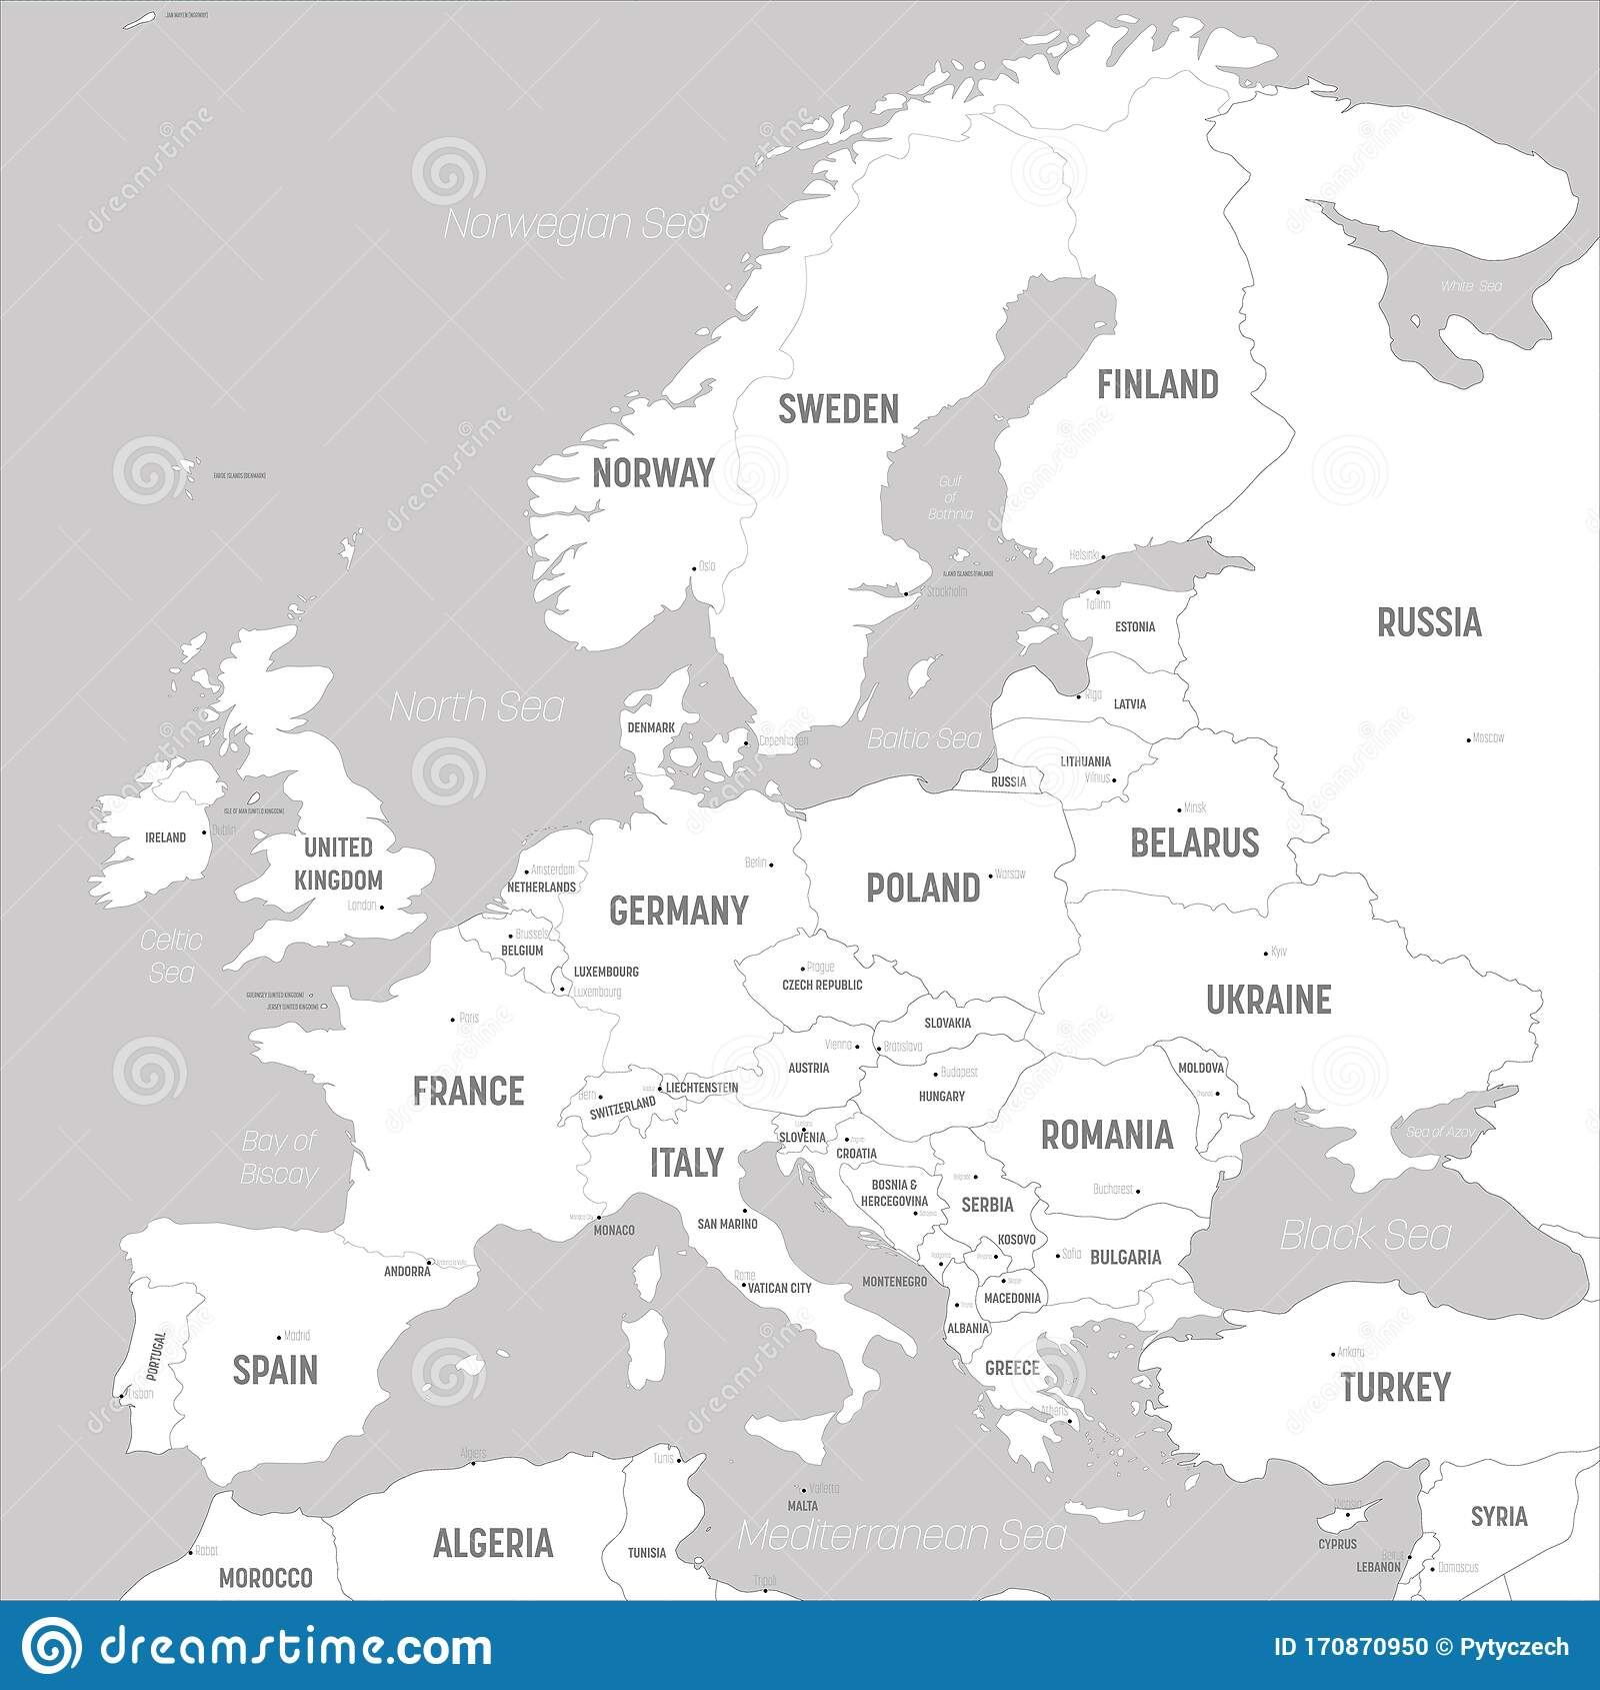 Cartina Con Capitali Europa.Mappa Europea Terre Bianche E Acque Grigie Mappa Politica Del Continente Europeo Con Paesi Capitali Oceani Illustrazione Vettoriale Illustrazione Di Identificato Scuro 170870950